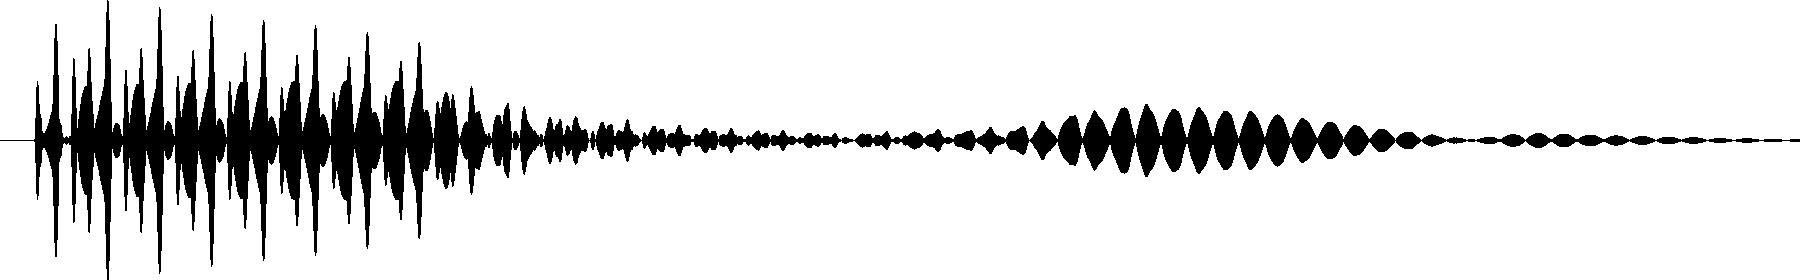 ps480 b9